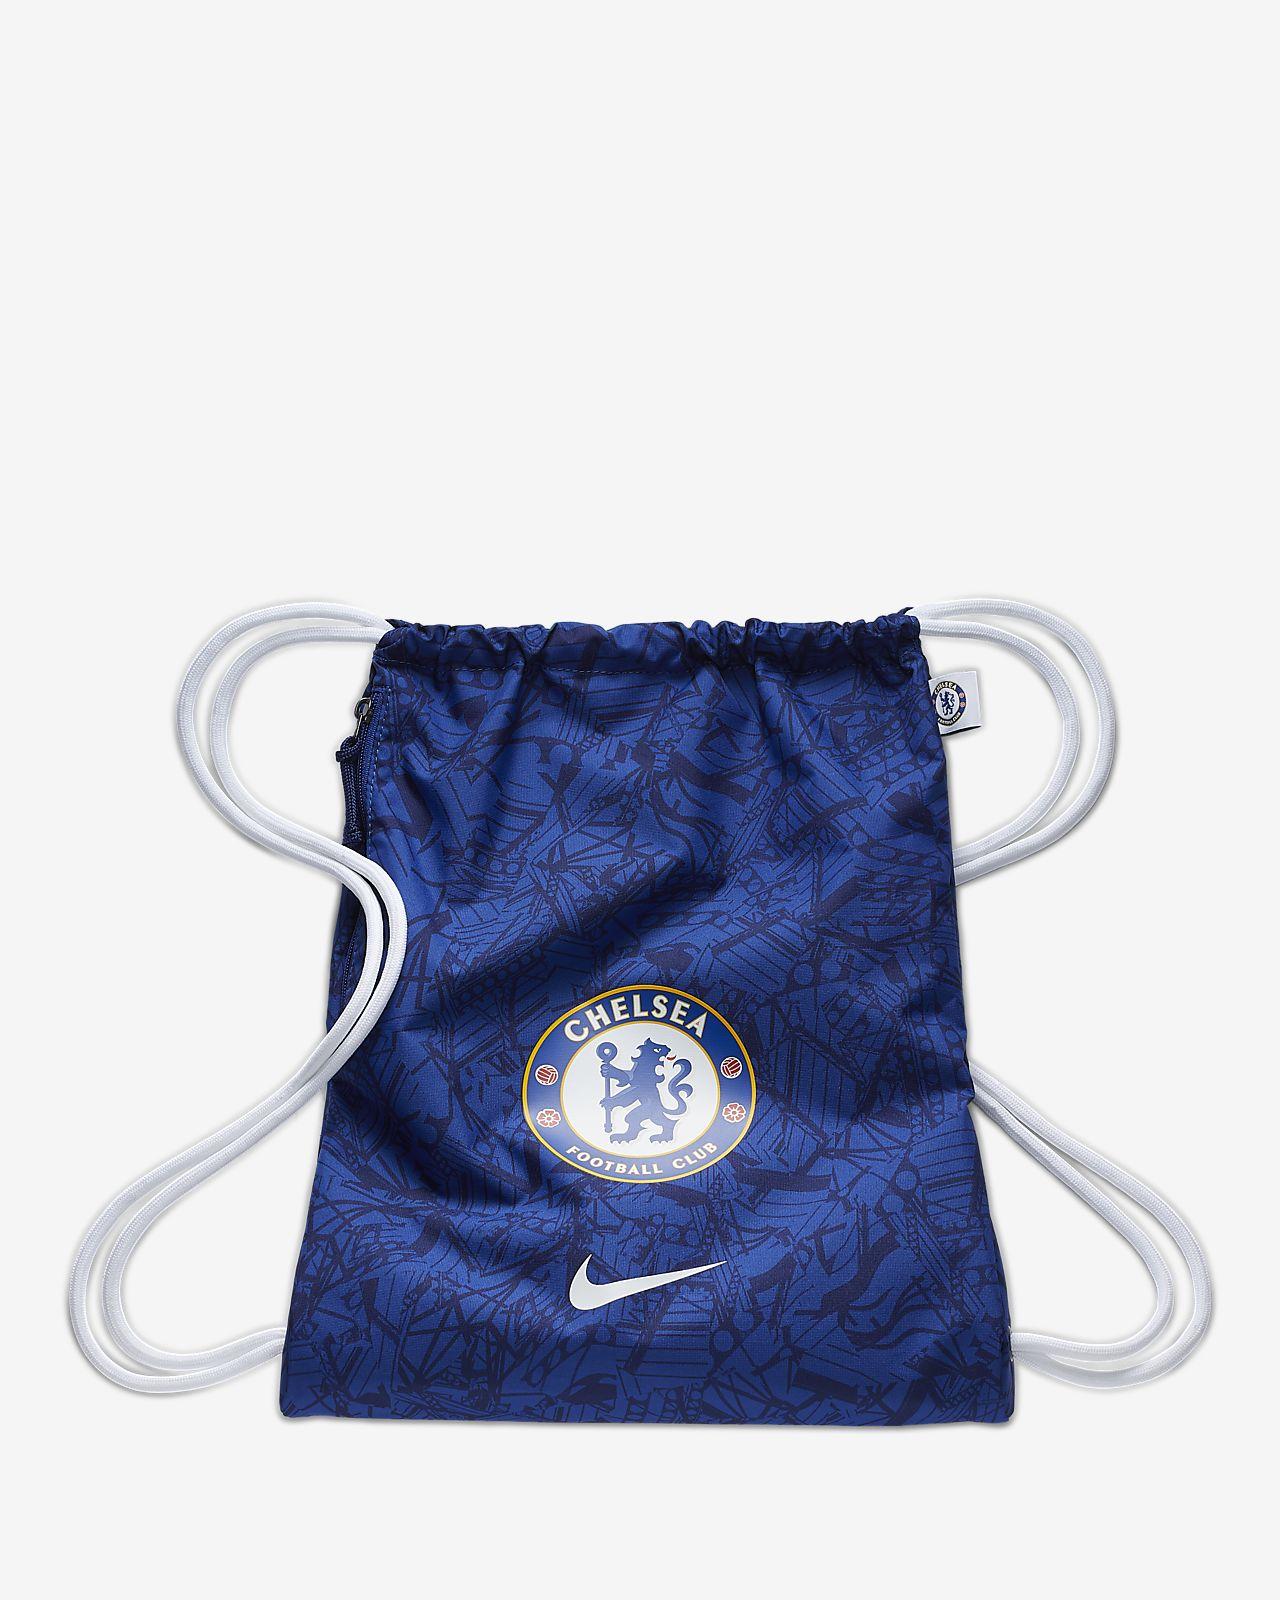 Chelsea FC Stadium Trainingsbeutel